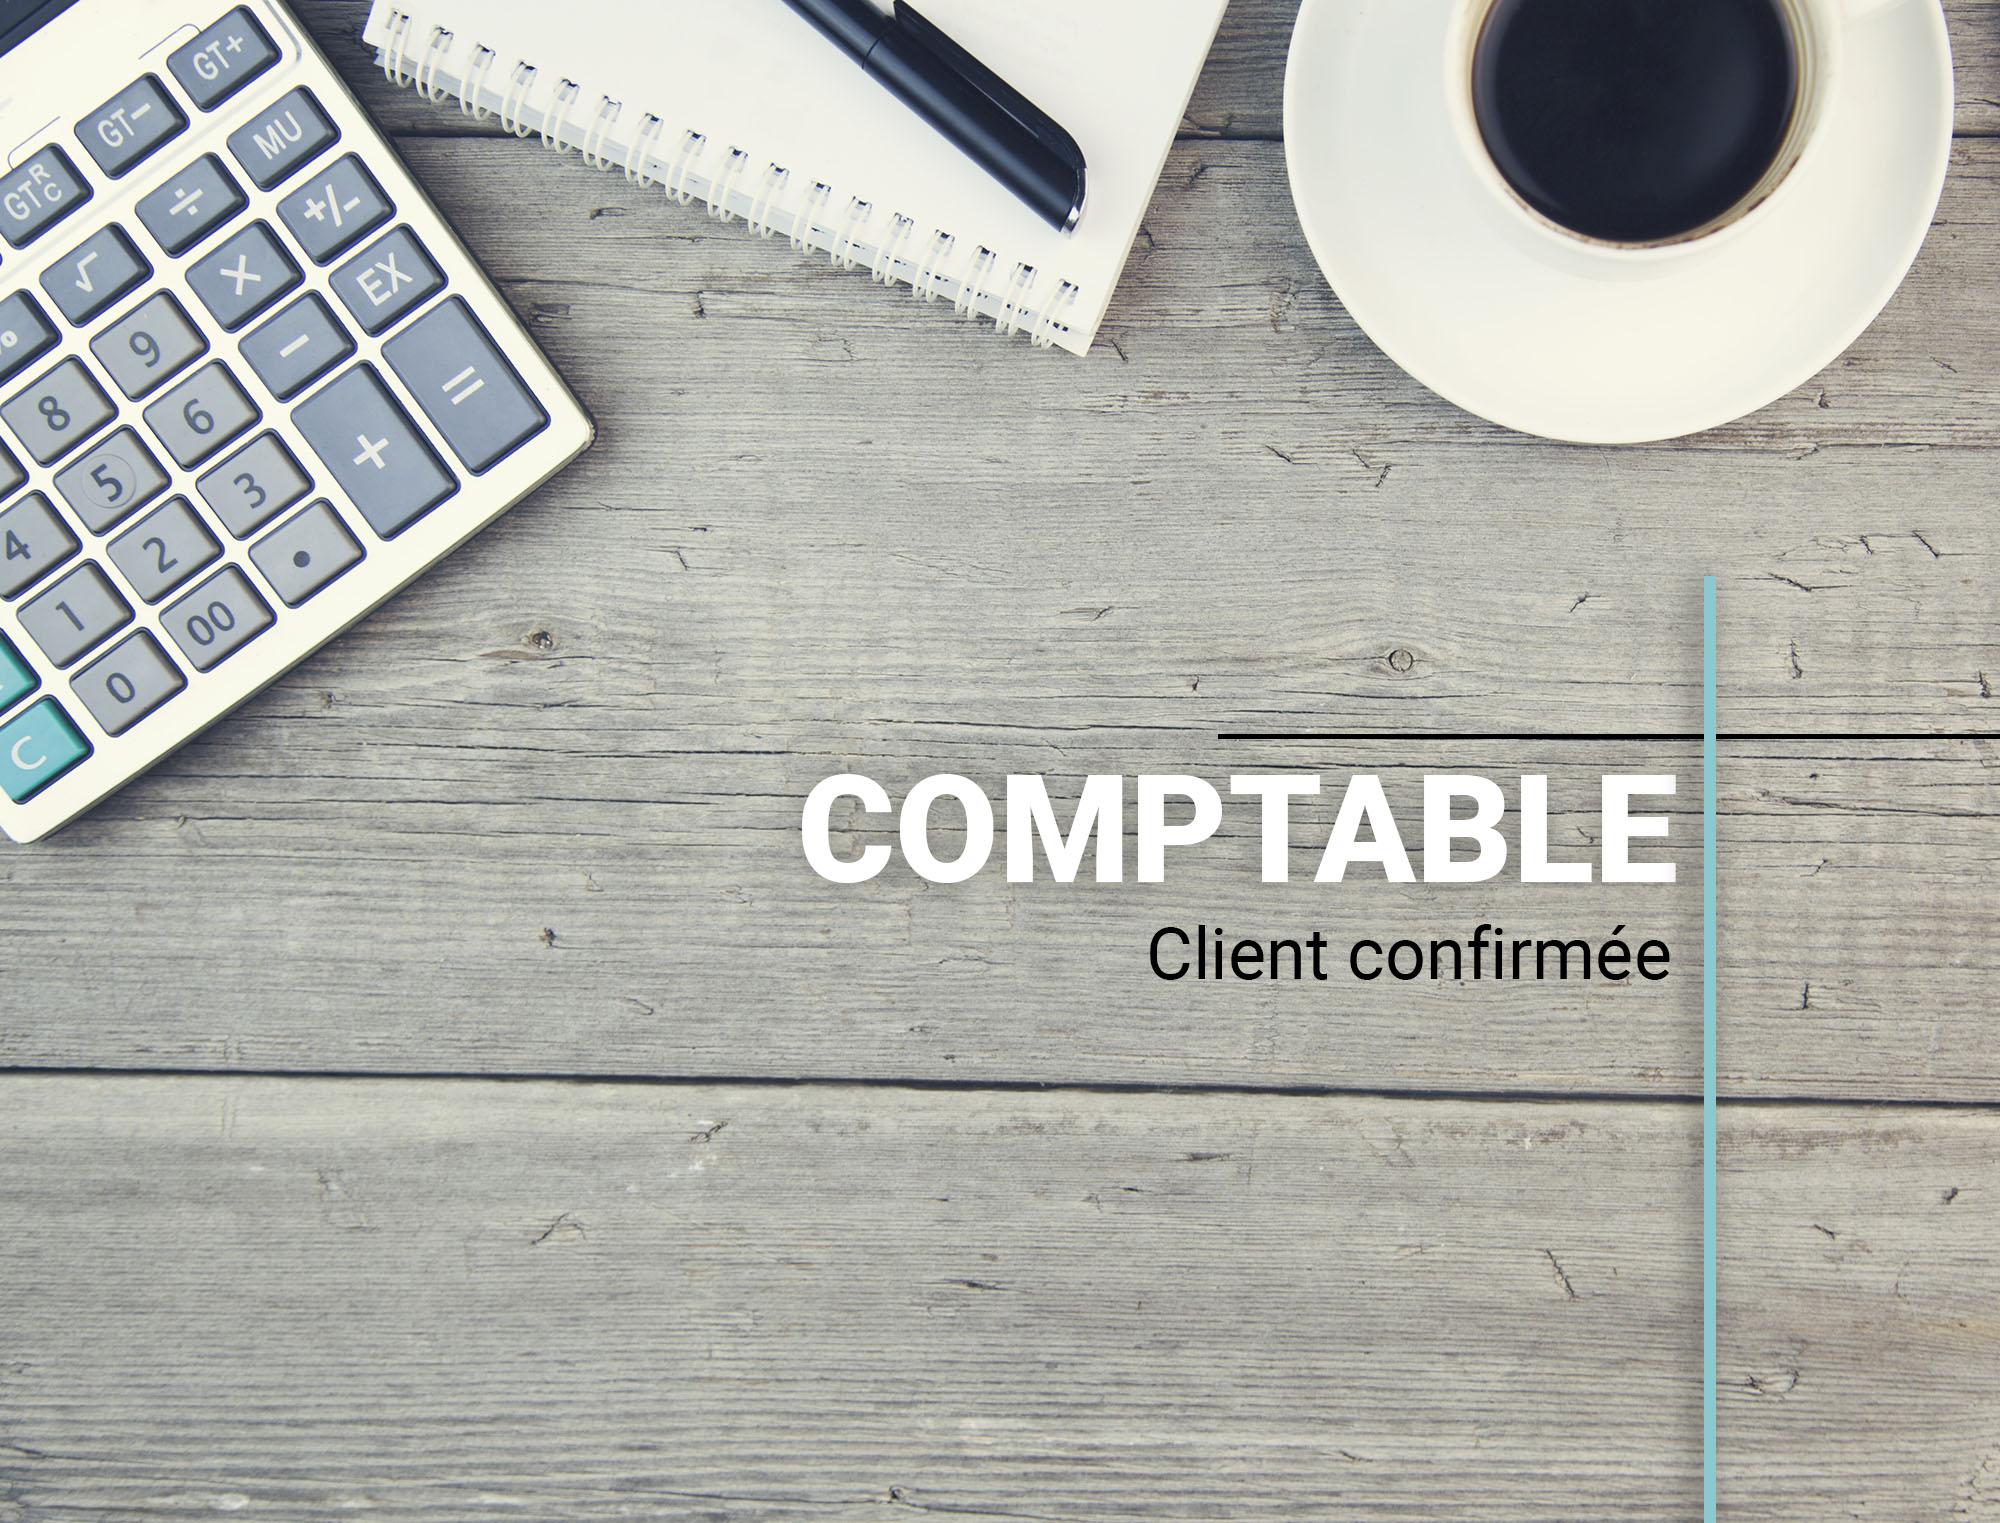 annonce cdi comptable client confirm u00e9 e   poste pourvu